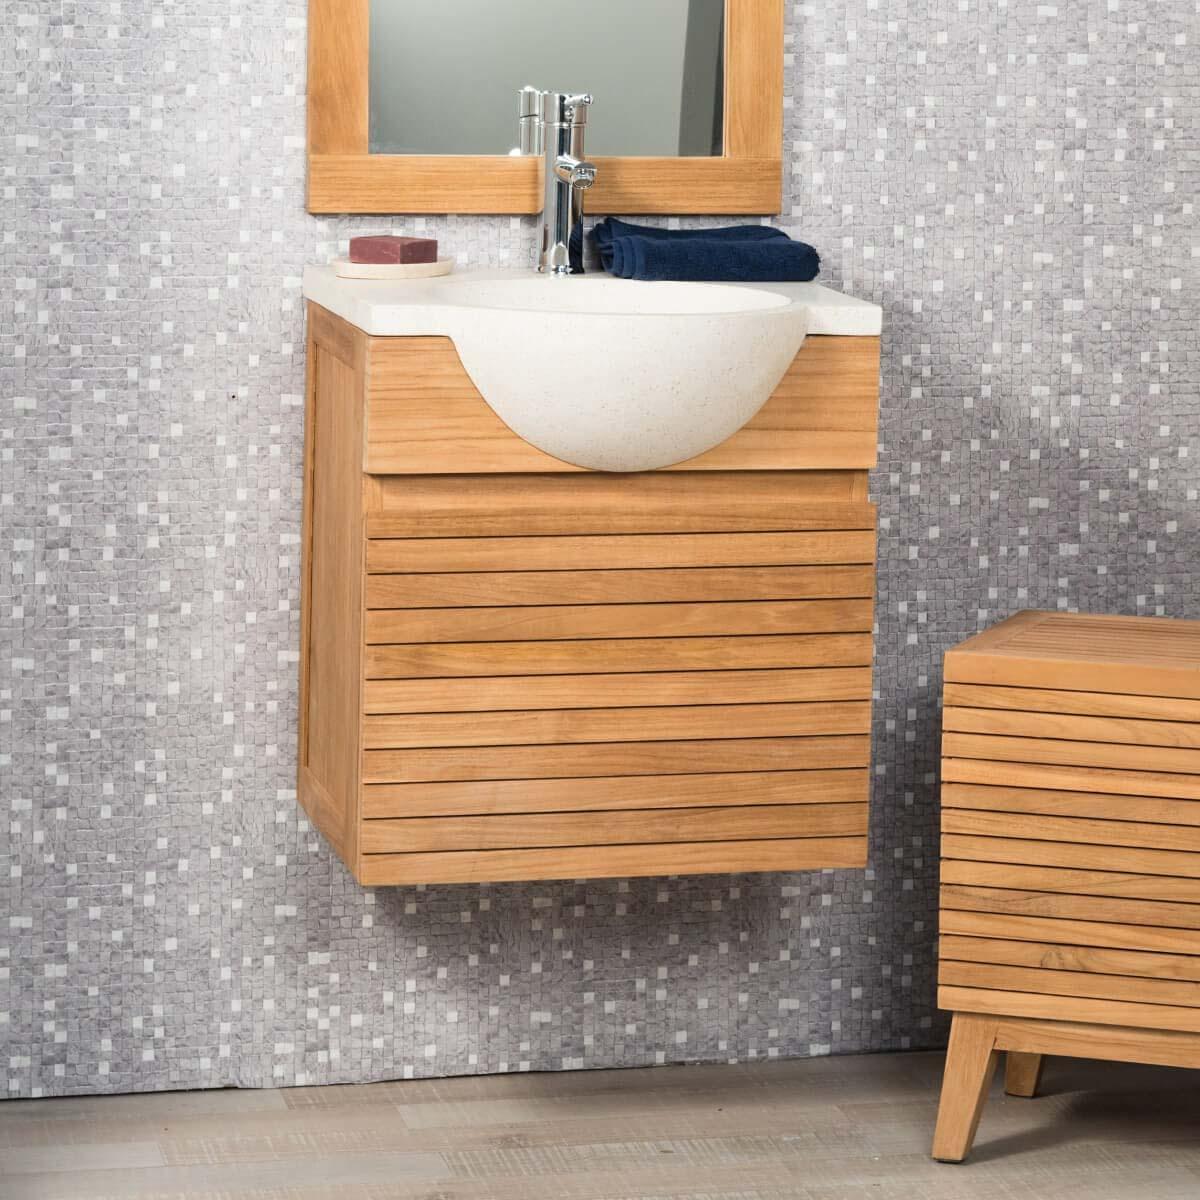 Meuble sous vasque salle de bain en teck, meubles salle de bain en ...